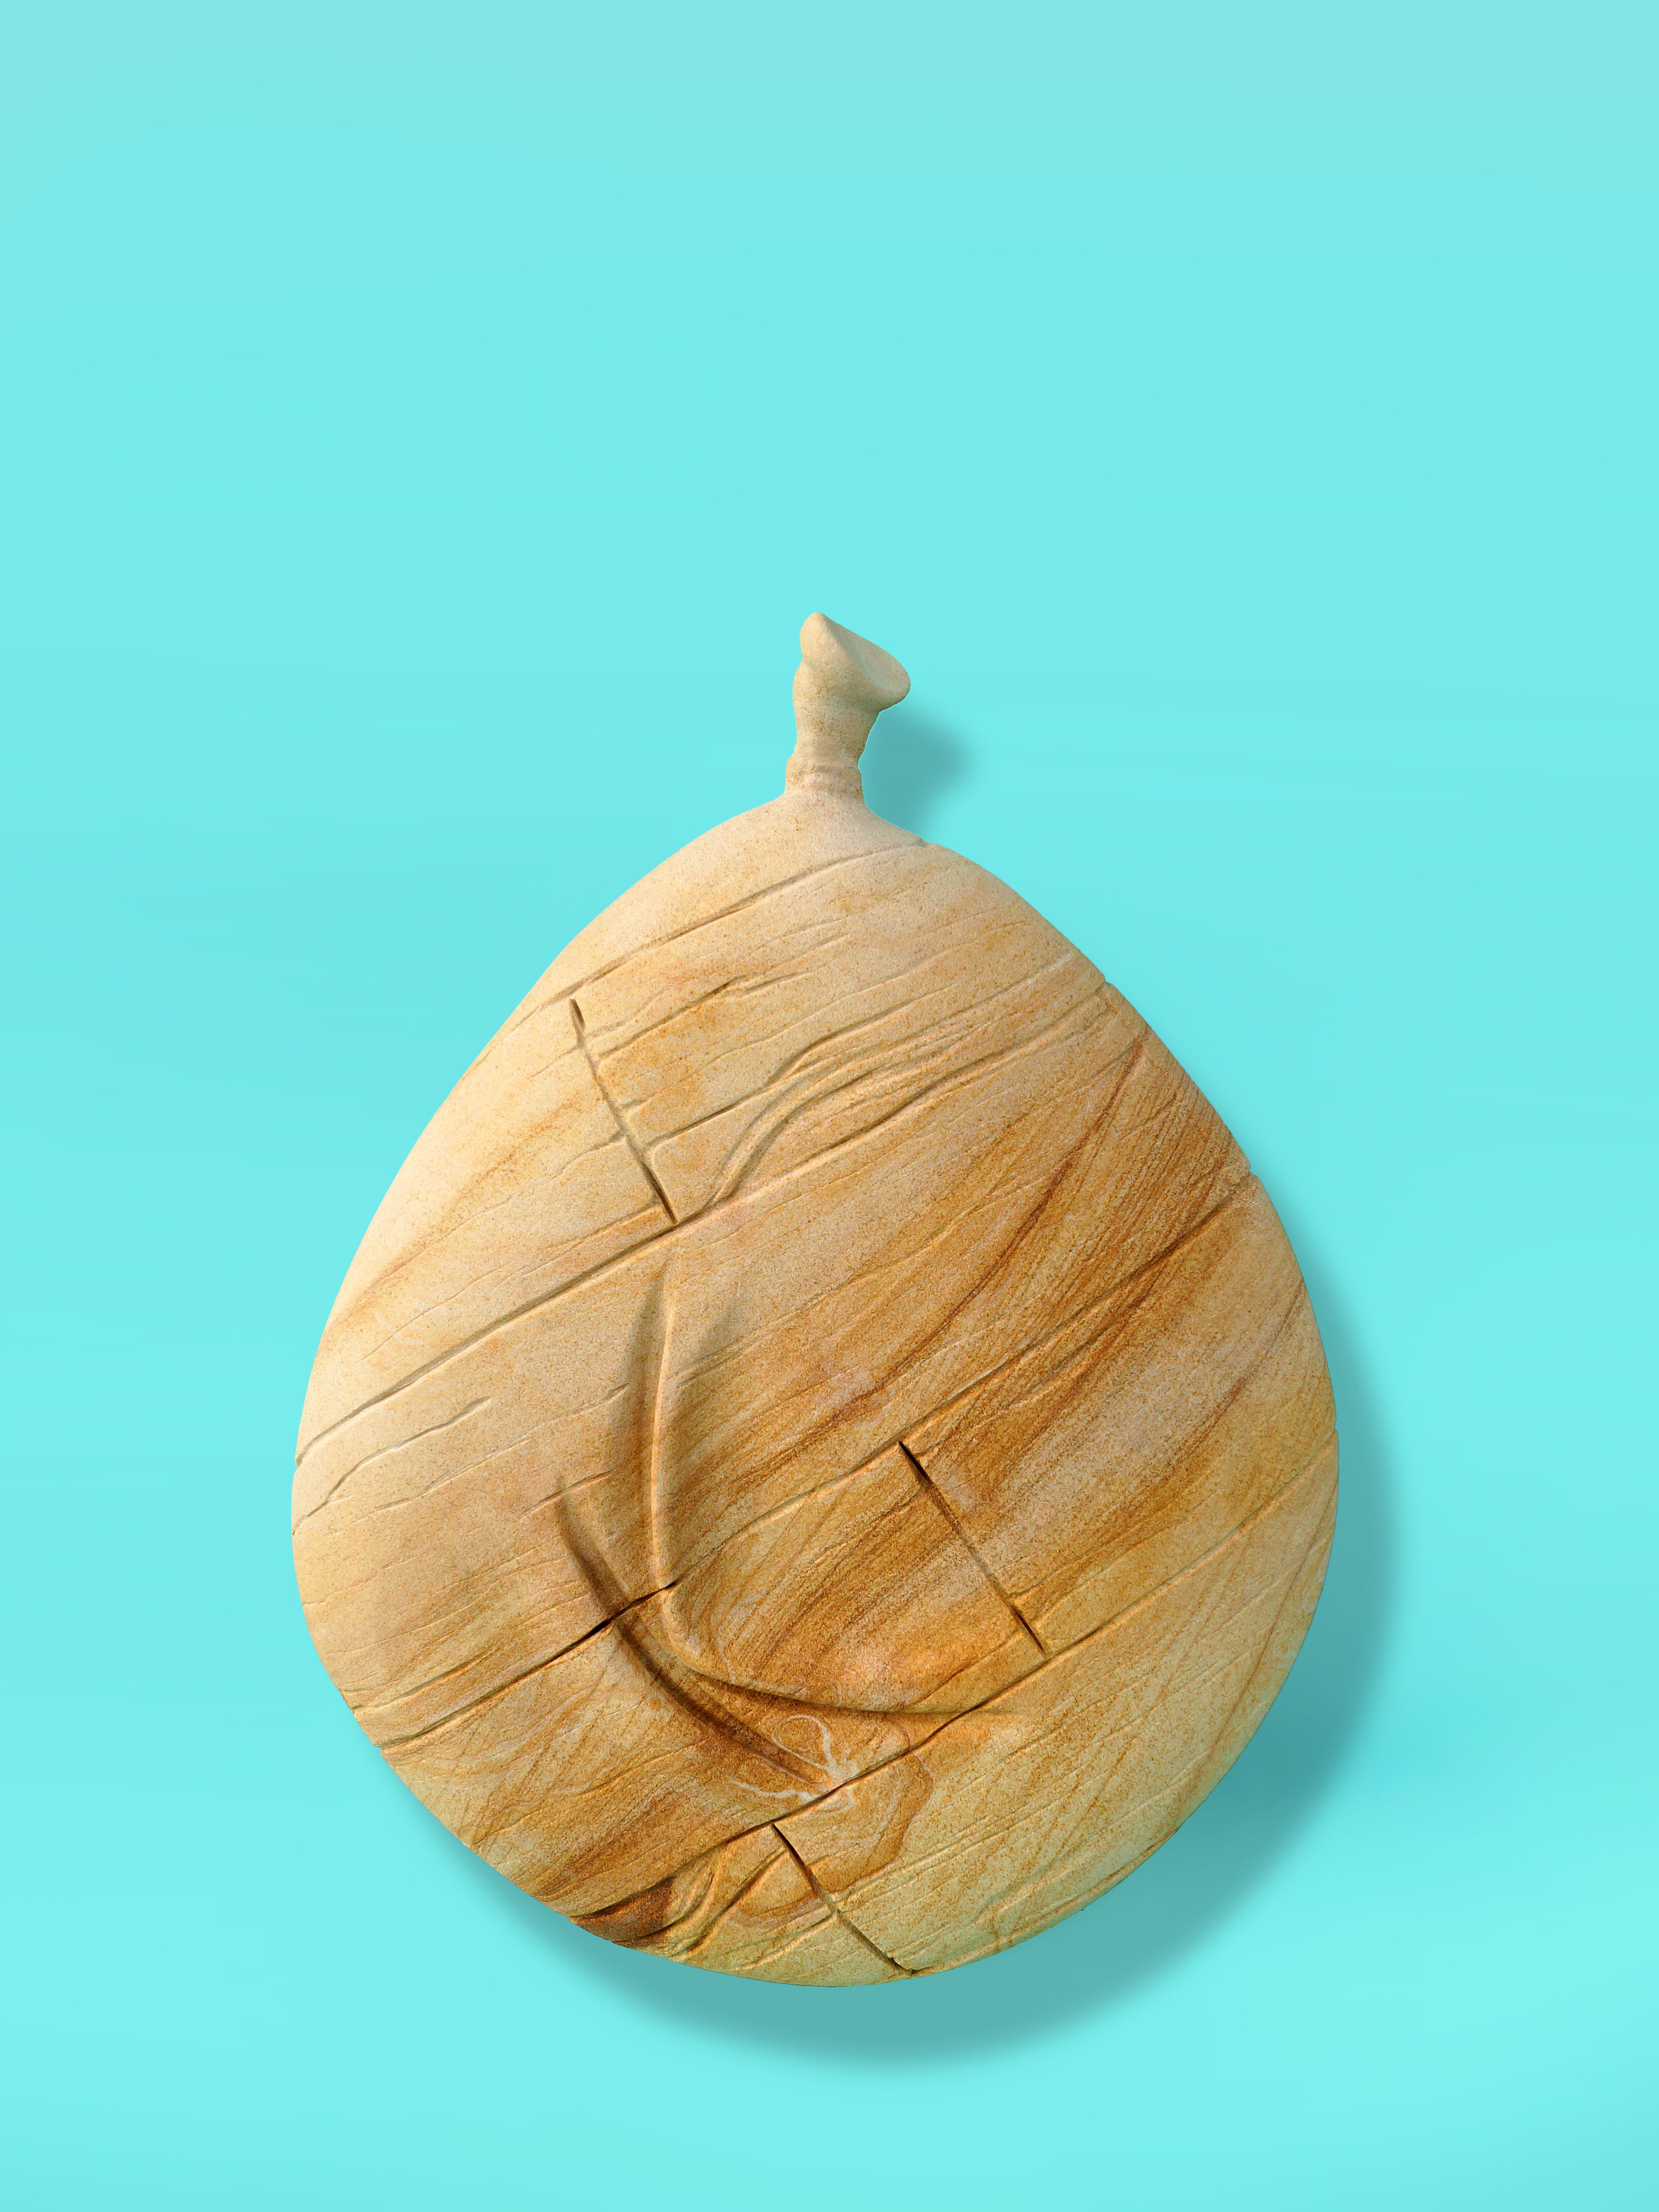 balloon-wood